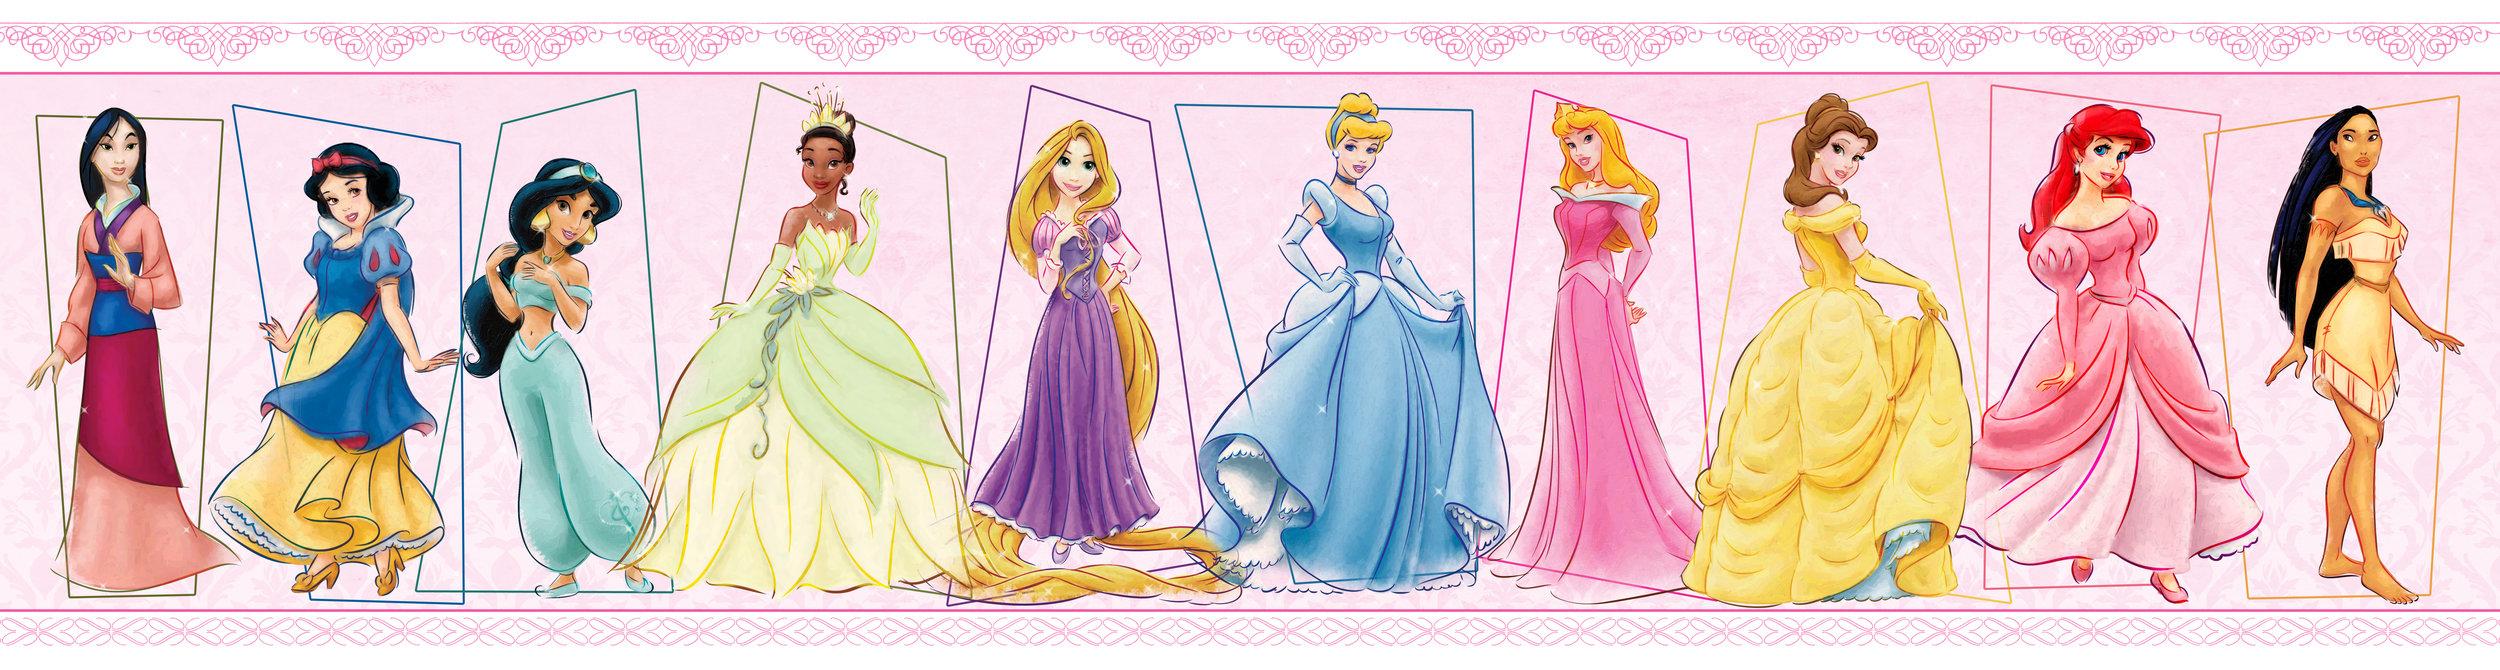 LIAB-Princess-1.jpg